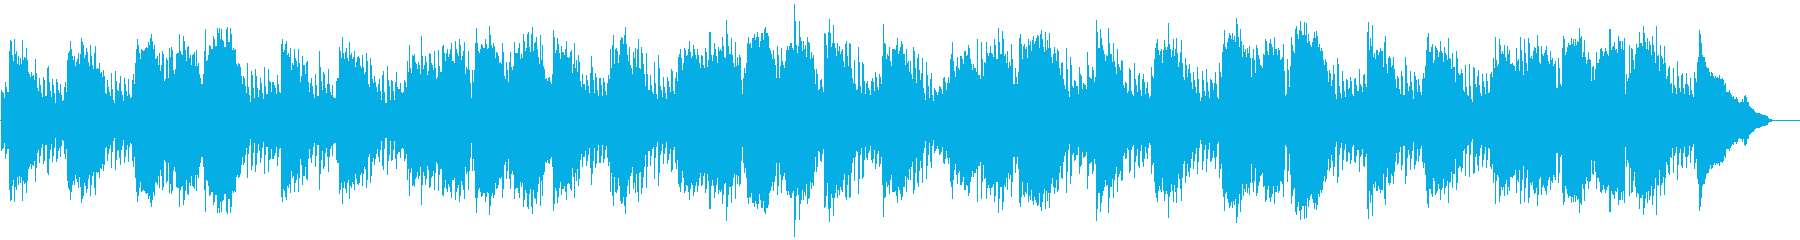 禅の世界/静けさ/和風/尺八とピアノの再生済みの波形